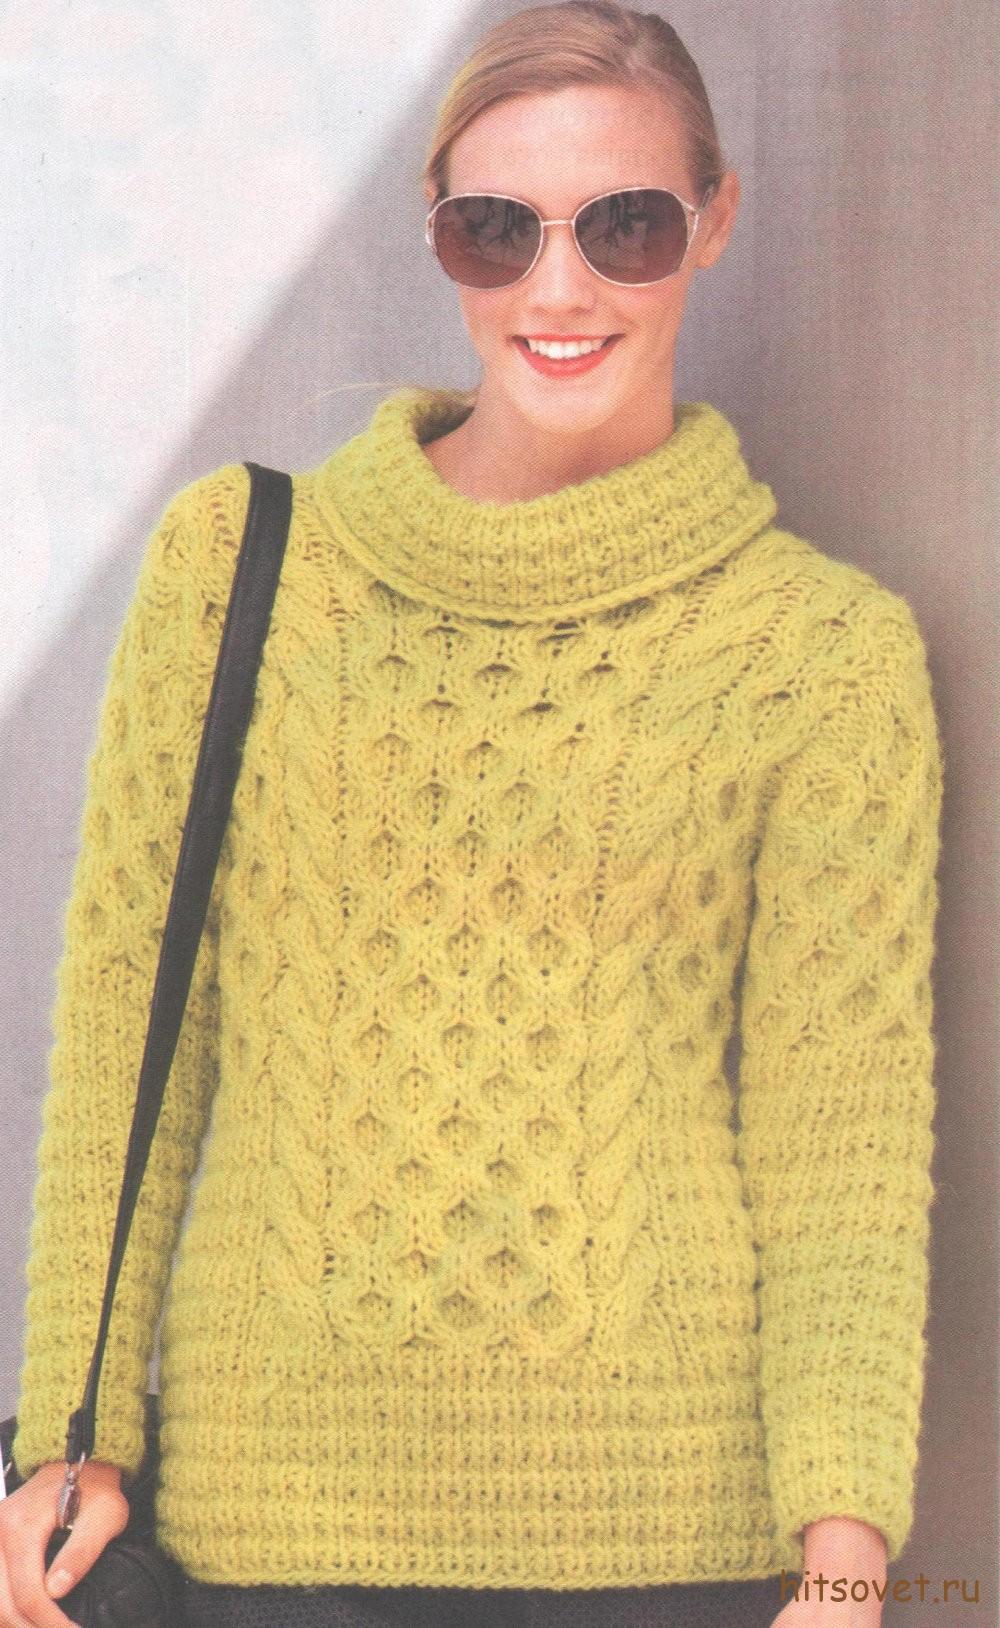 Желтый свитер женский спицами, фото.